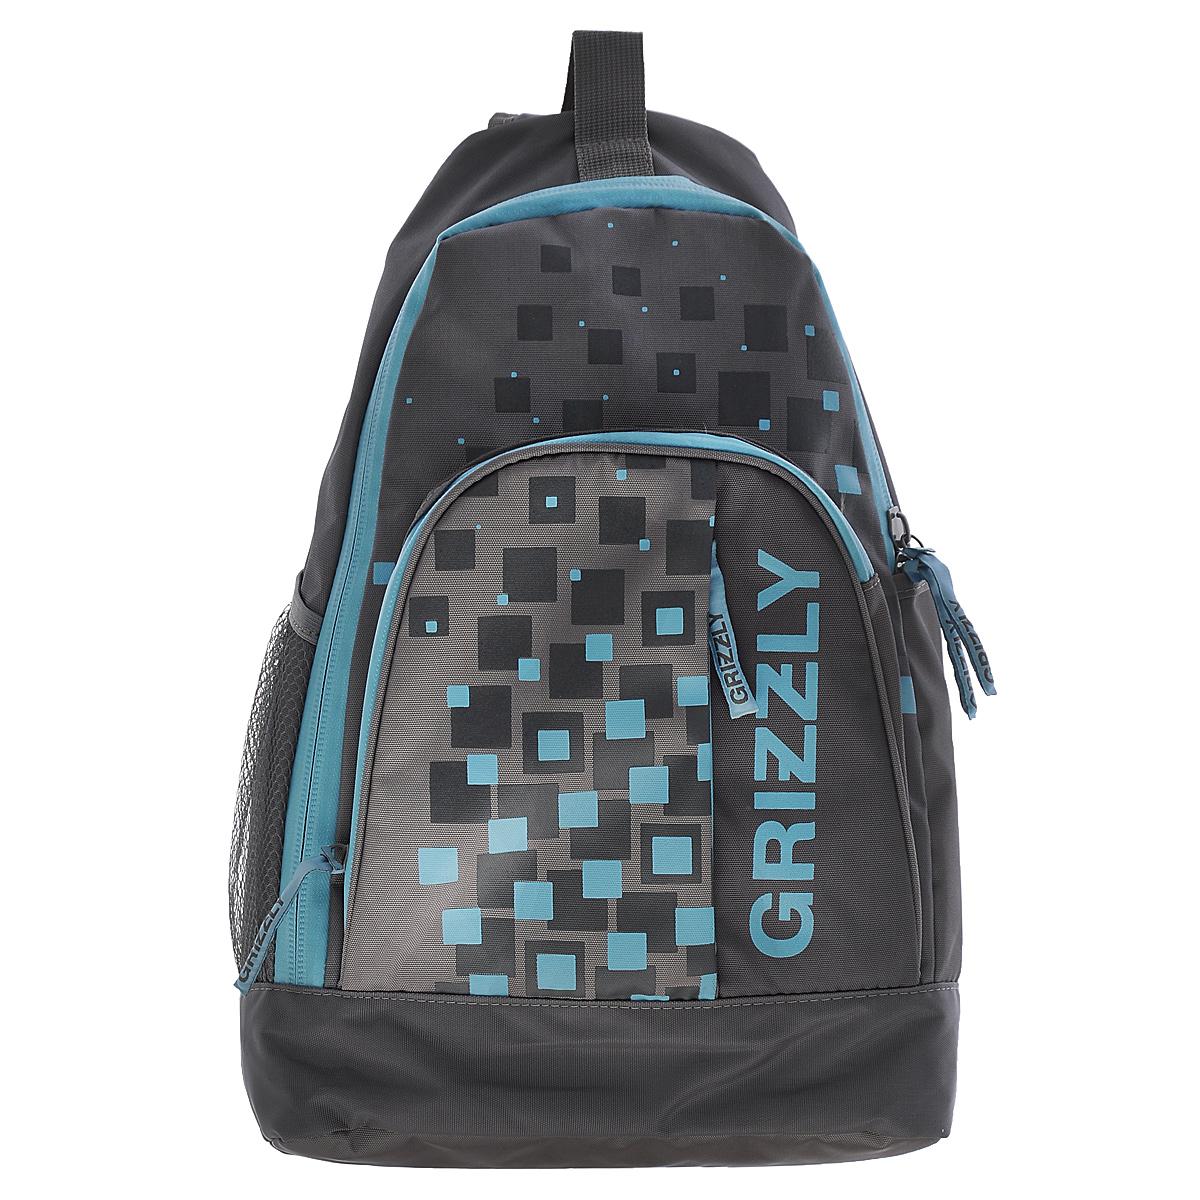 Рюкзак городской Grizzly, цвет: серый, голубой, 24 л. RU-510-2/1RU-510-2/1Рюкзак Grizzly - это удобный и практичный рюкзак, изготовленный из полиэстера. Рюкзак имеет одно главное отделение, которое закрывается на застежку-молнию. Внутри основного отделения - карман на липучке. По бокам рюкзака - два кармана, один из которых - сетчатый на резинке. На передней панели - вместительный карман на змейке с четырьмя небольшими кармашками внутри для письменных принадлежностей. Также на вместительном кармане расположен еще один потайной карман на змейке. Модель имеет укрепленную спинку с мягкой рельефной вставкой и одну лямку, а также ручку-петлю. Лямка оснащена мини-карманом для разных небольших мелочей и аксессуаров. Такой рюкзак - практичное и стильное приобретение на каждый день.